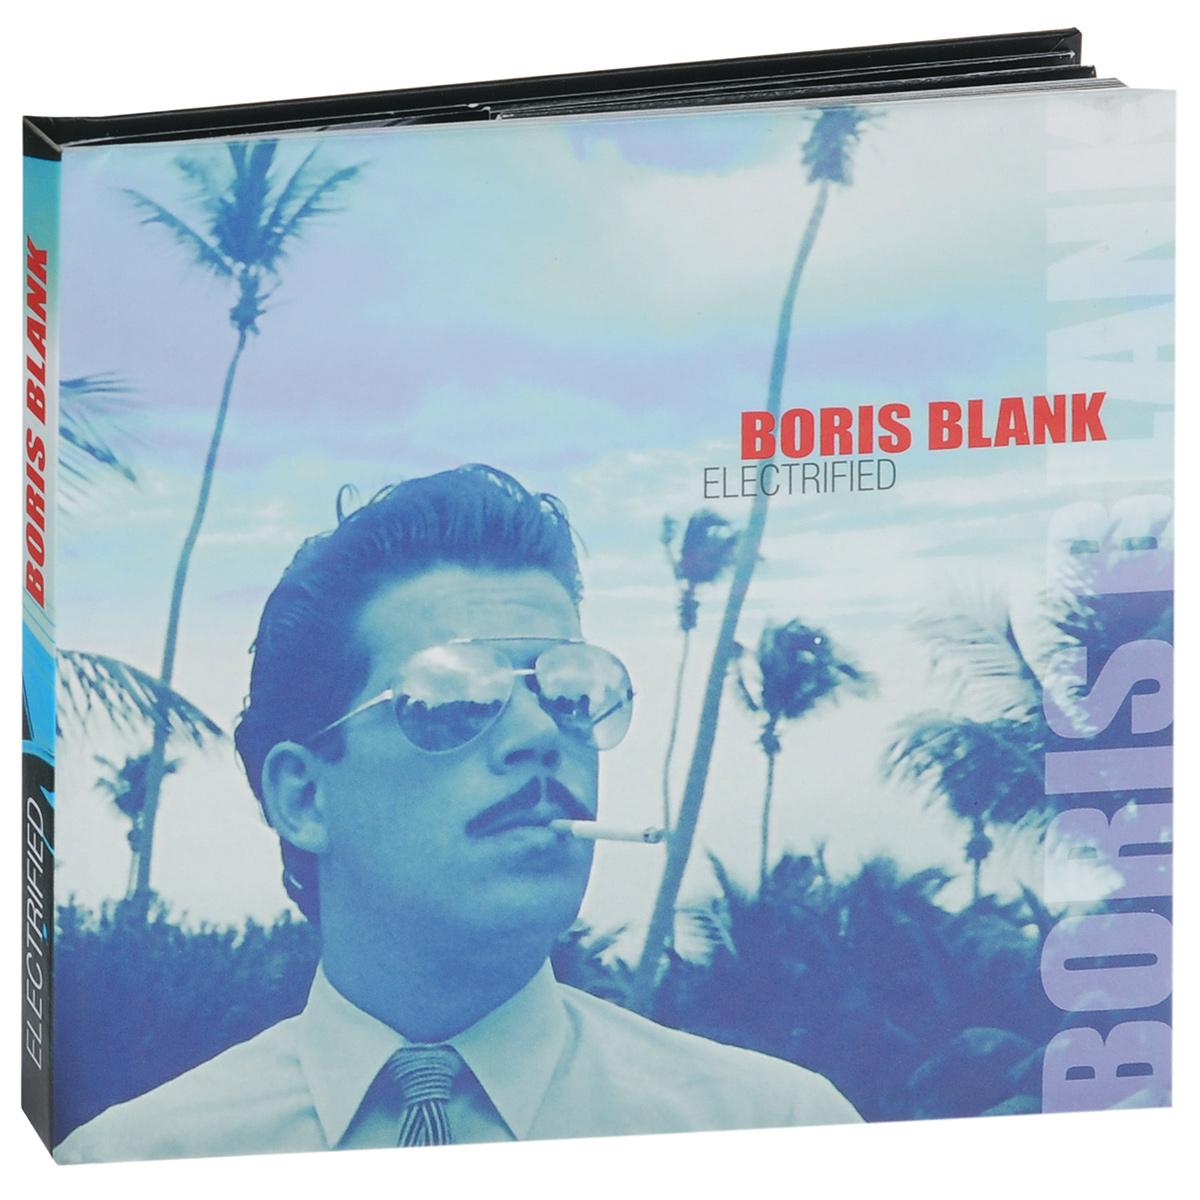 Борис Бланк Boris Blank. Electrified. The Limited Edition (2 CD + DVD)